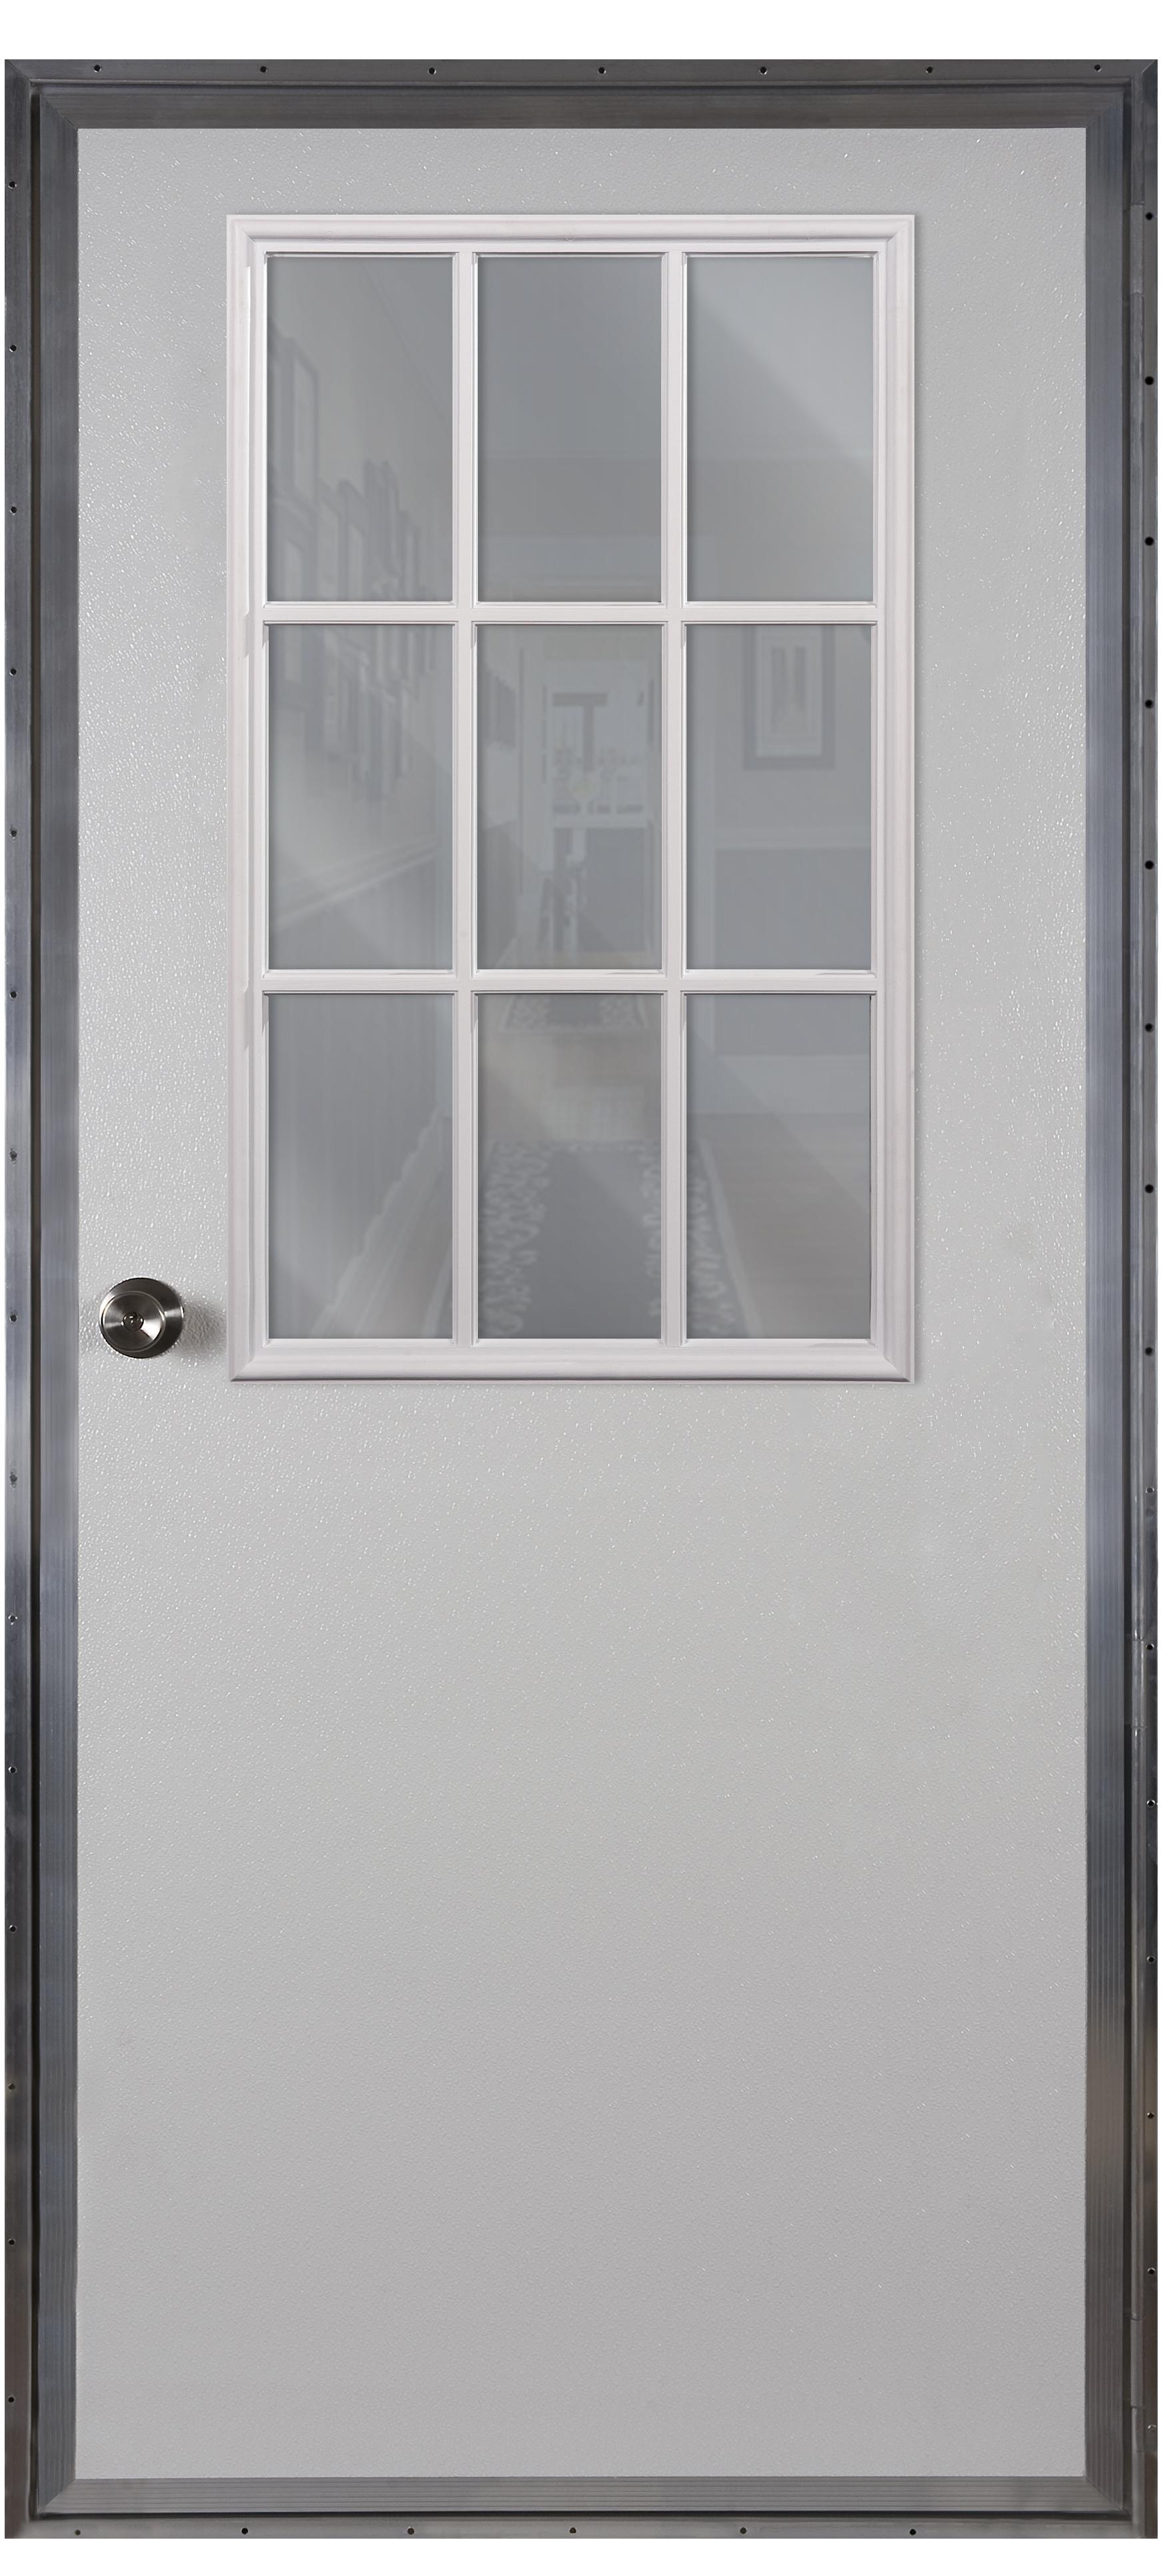 30 Inch Exterior Door With Window Doors Awesome 30 X 80 Exterior Door 30 Inch Steel Door Lowes